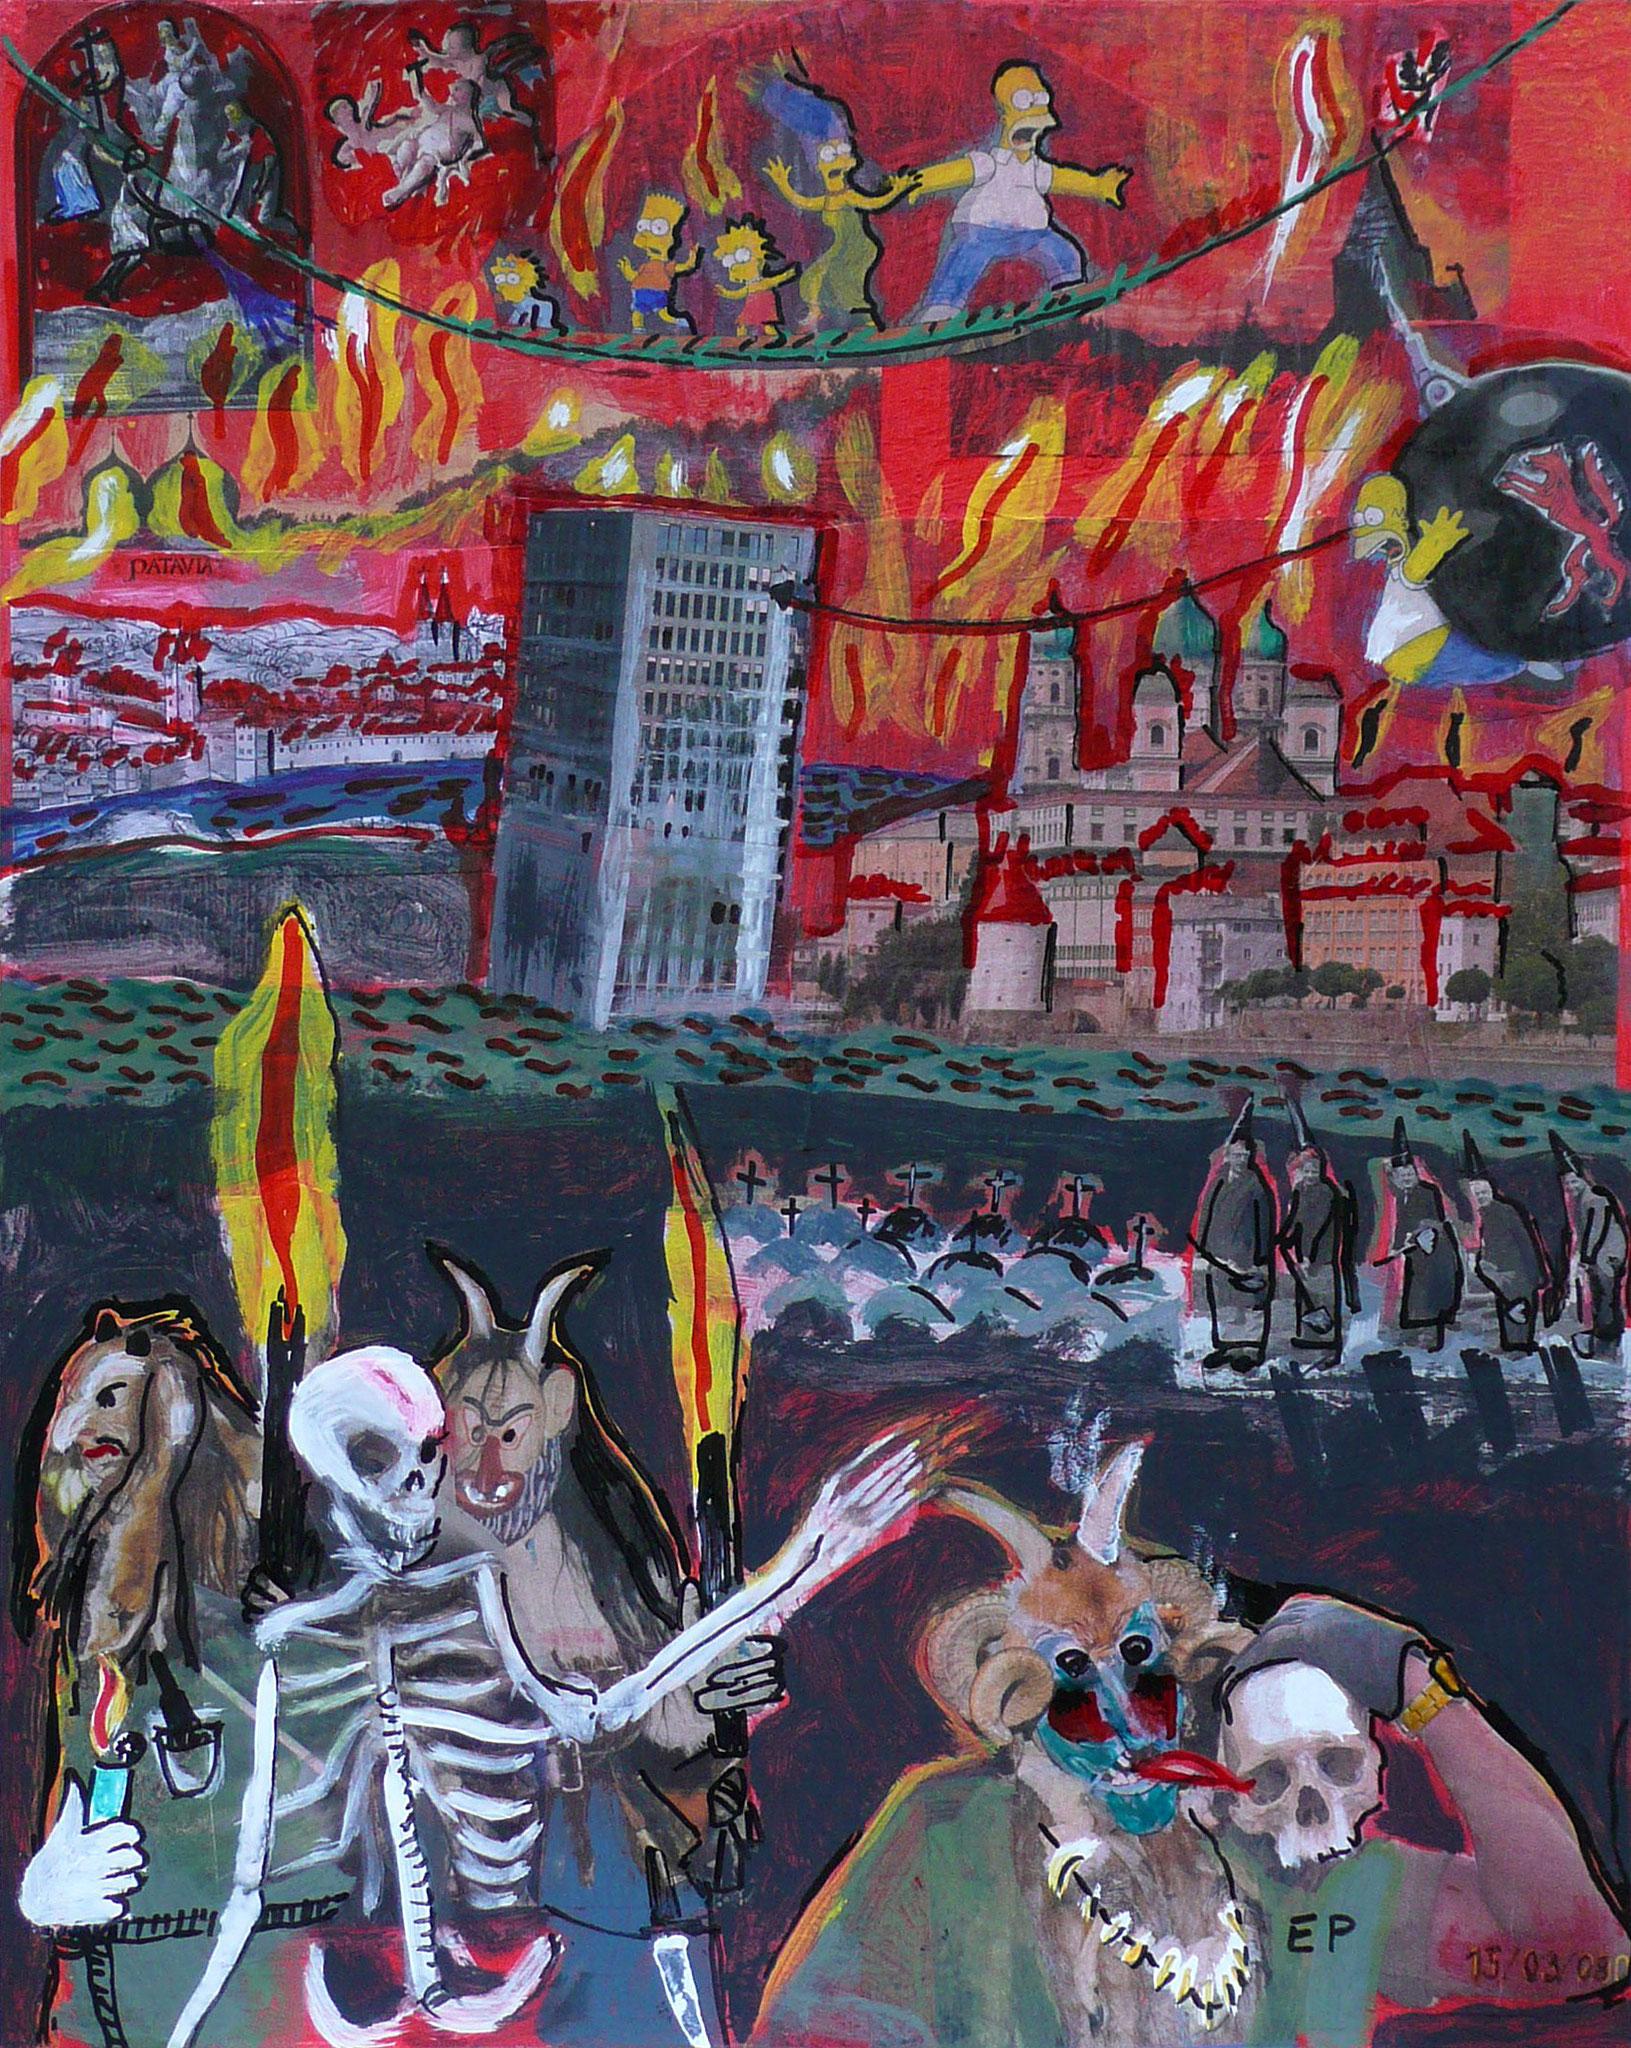 Der Untergang der Stadt Passau, Malerei/Collageelemente, 70 x 50 cm, 2006